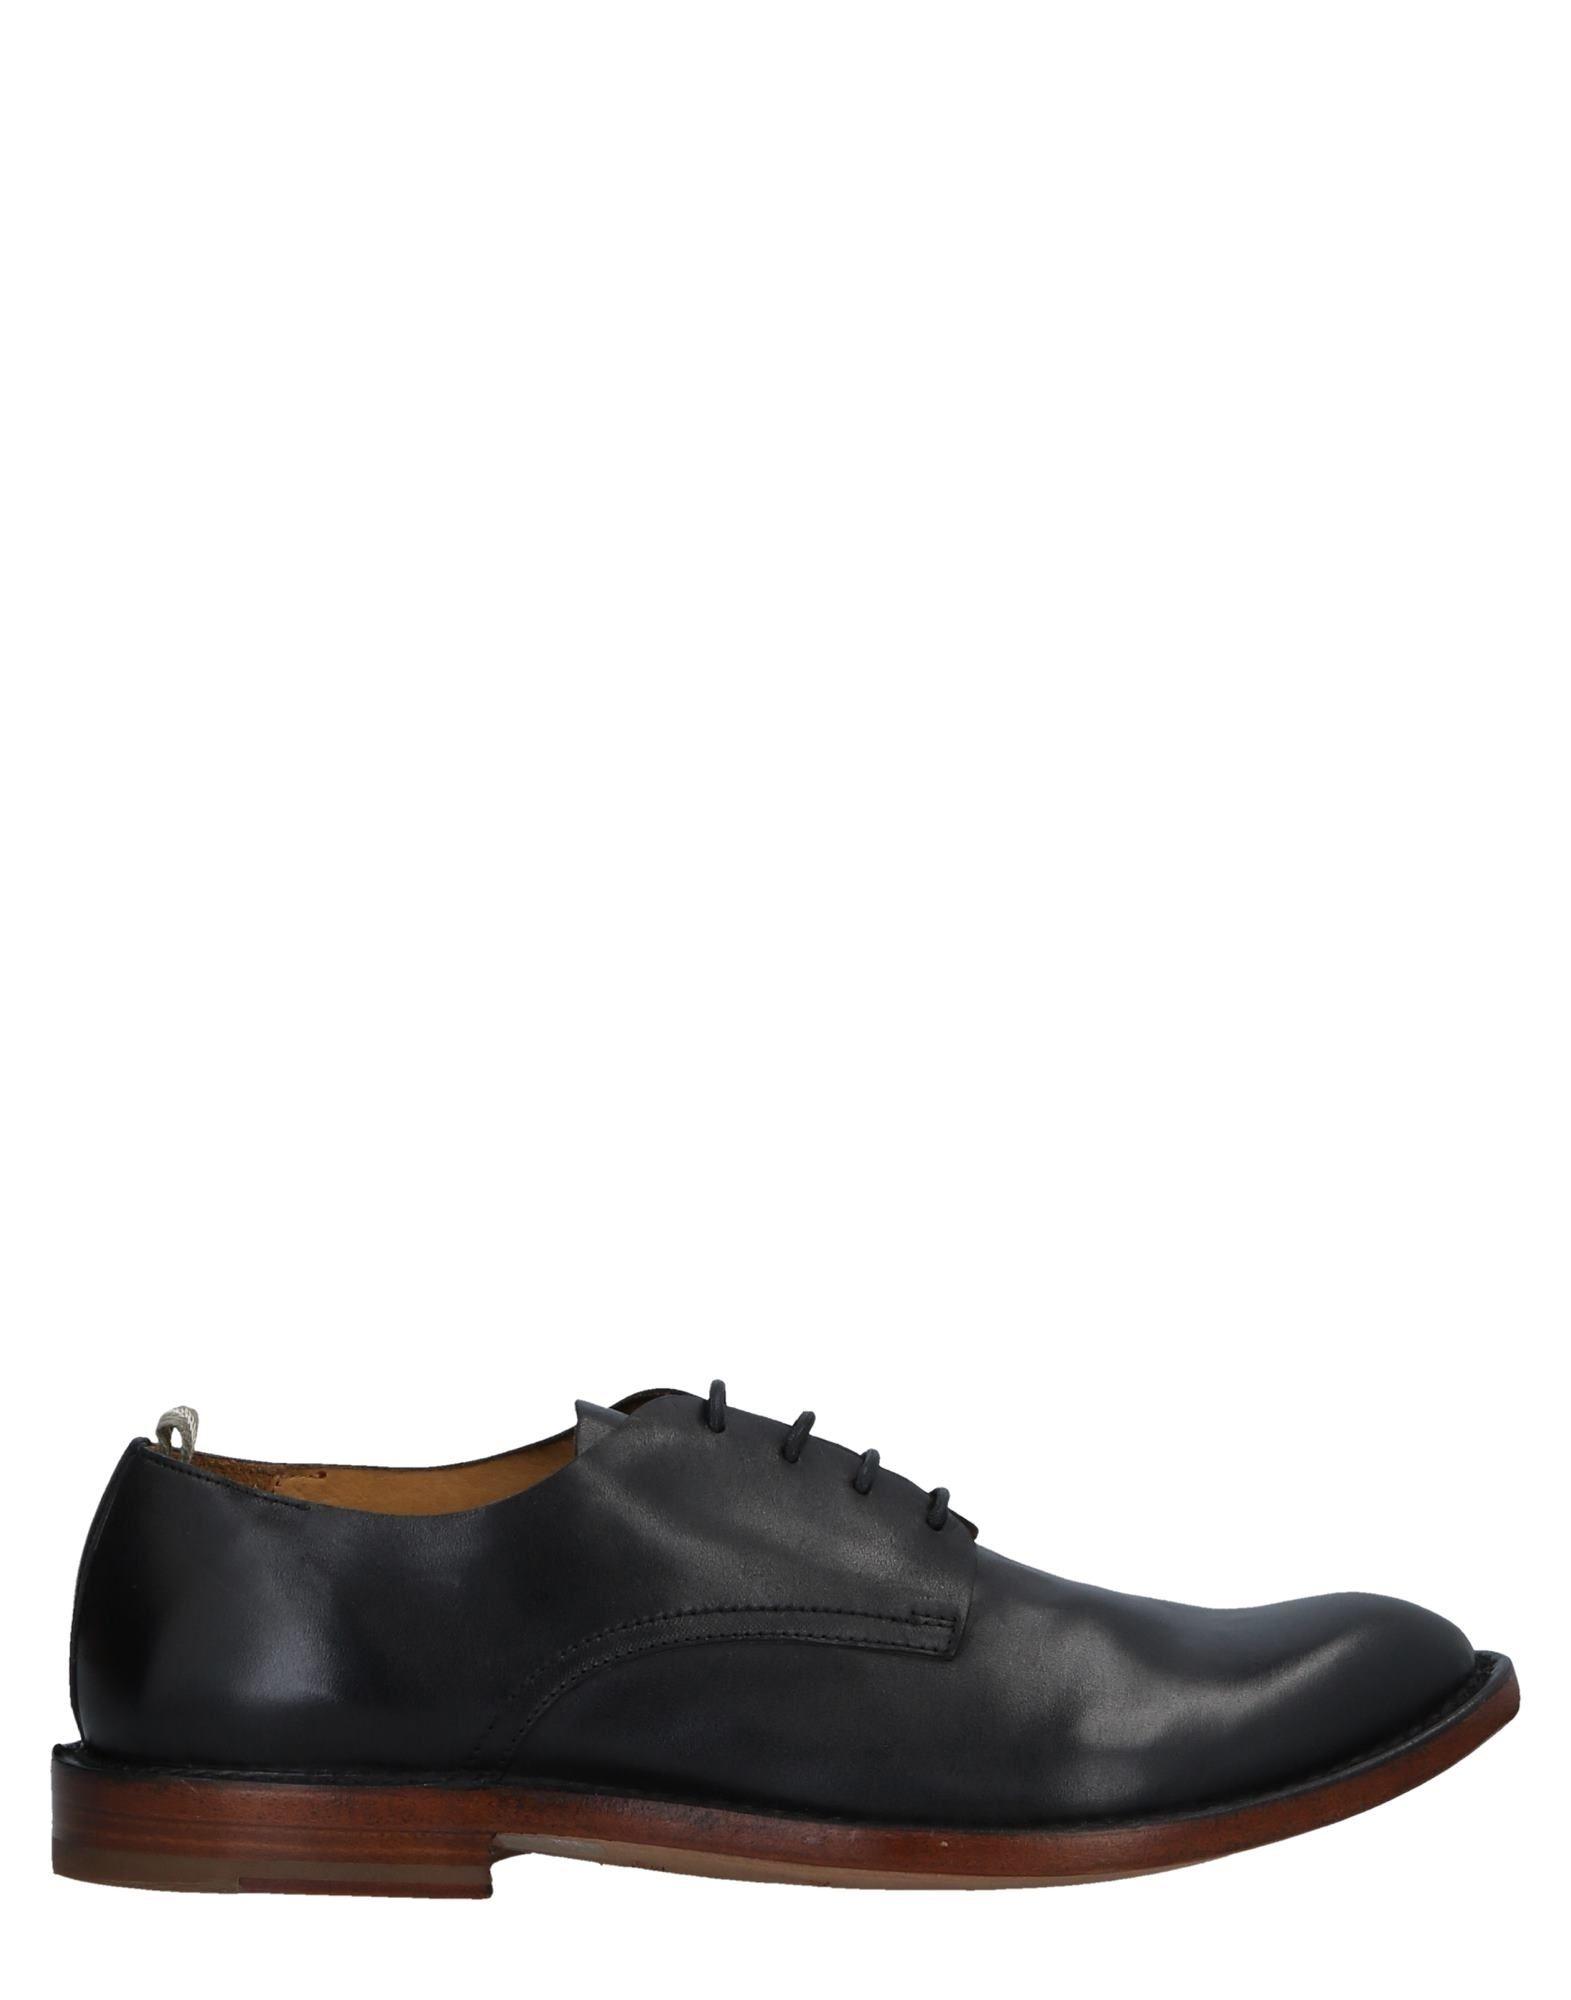 Officine Creative Italia Schnürschuhe Herren  11513135LK Gute Qualität beliebte Schuhe